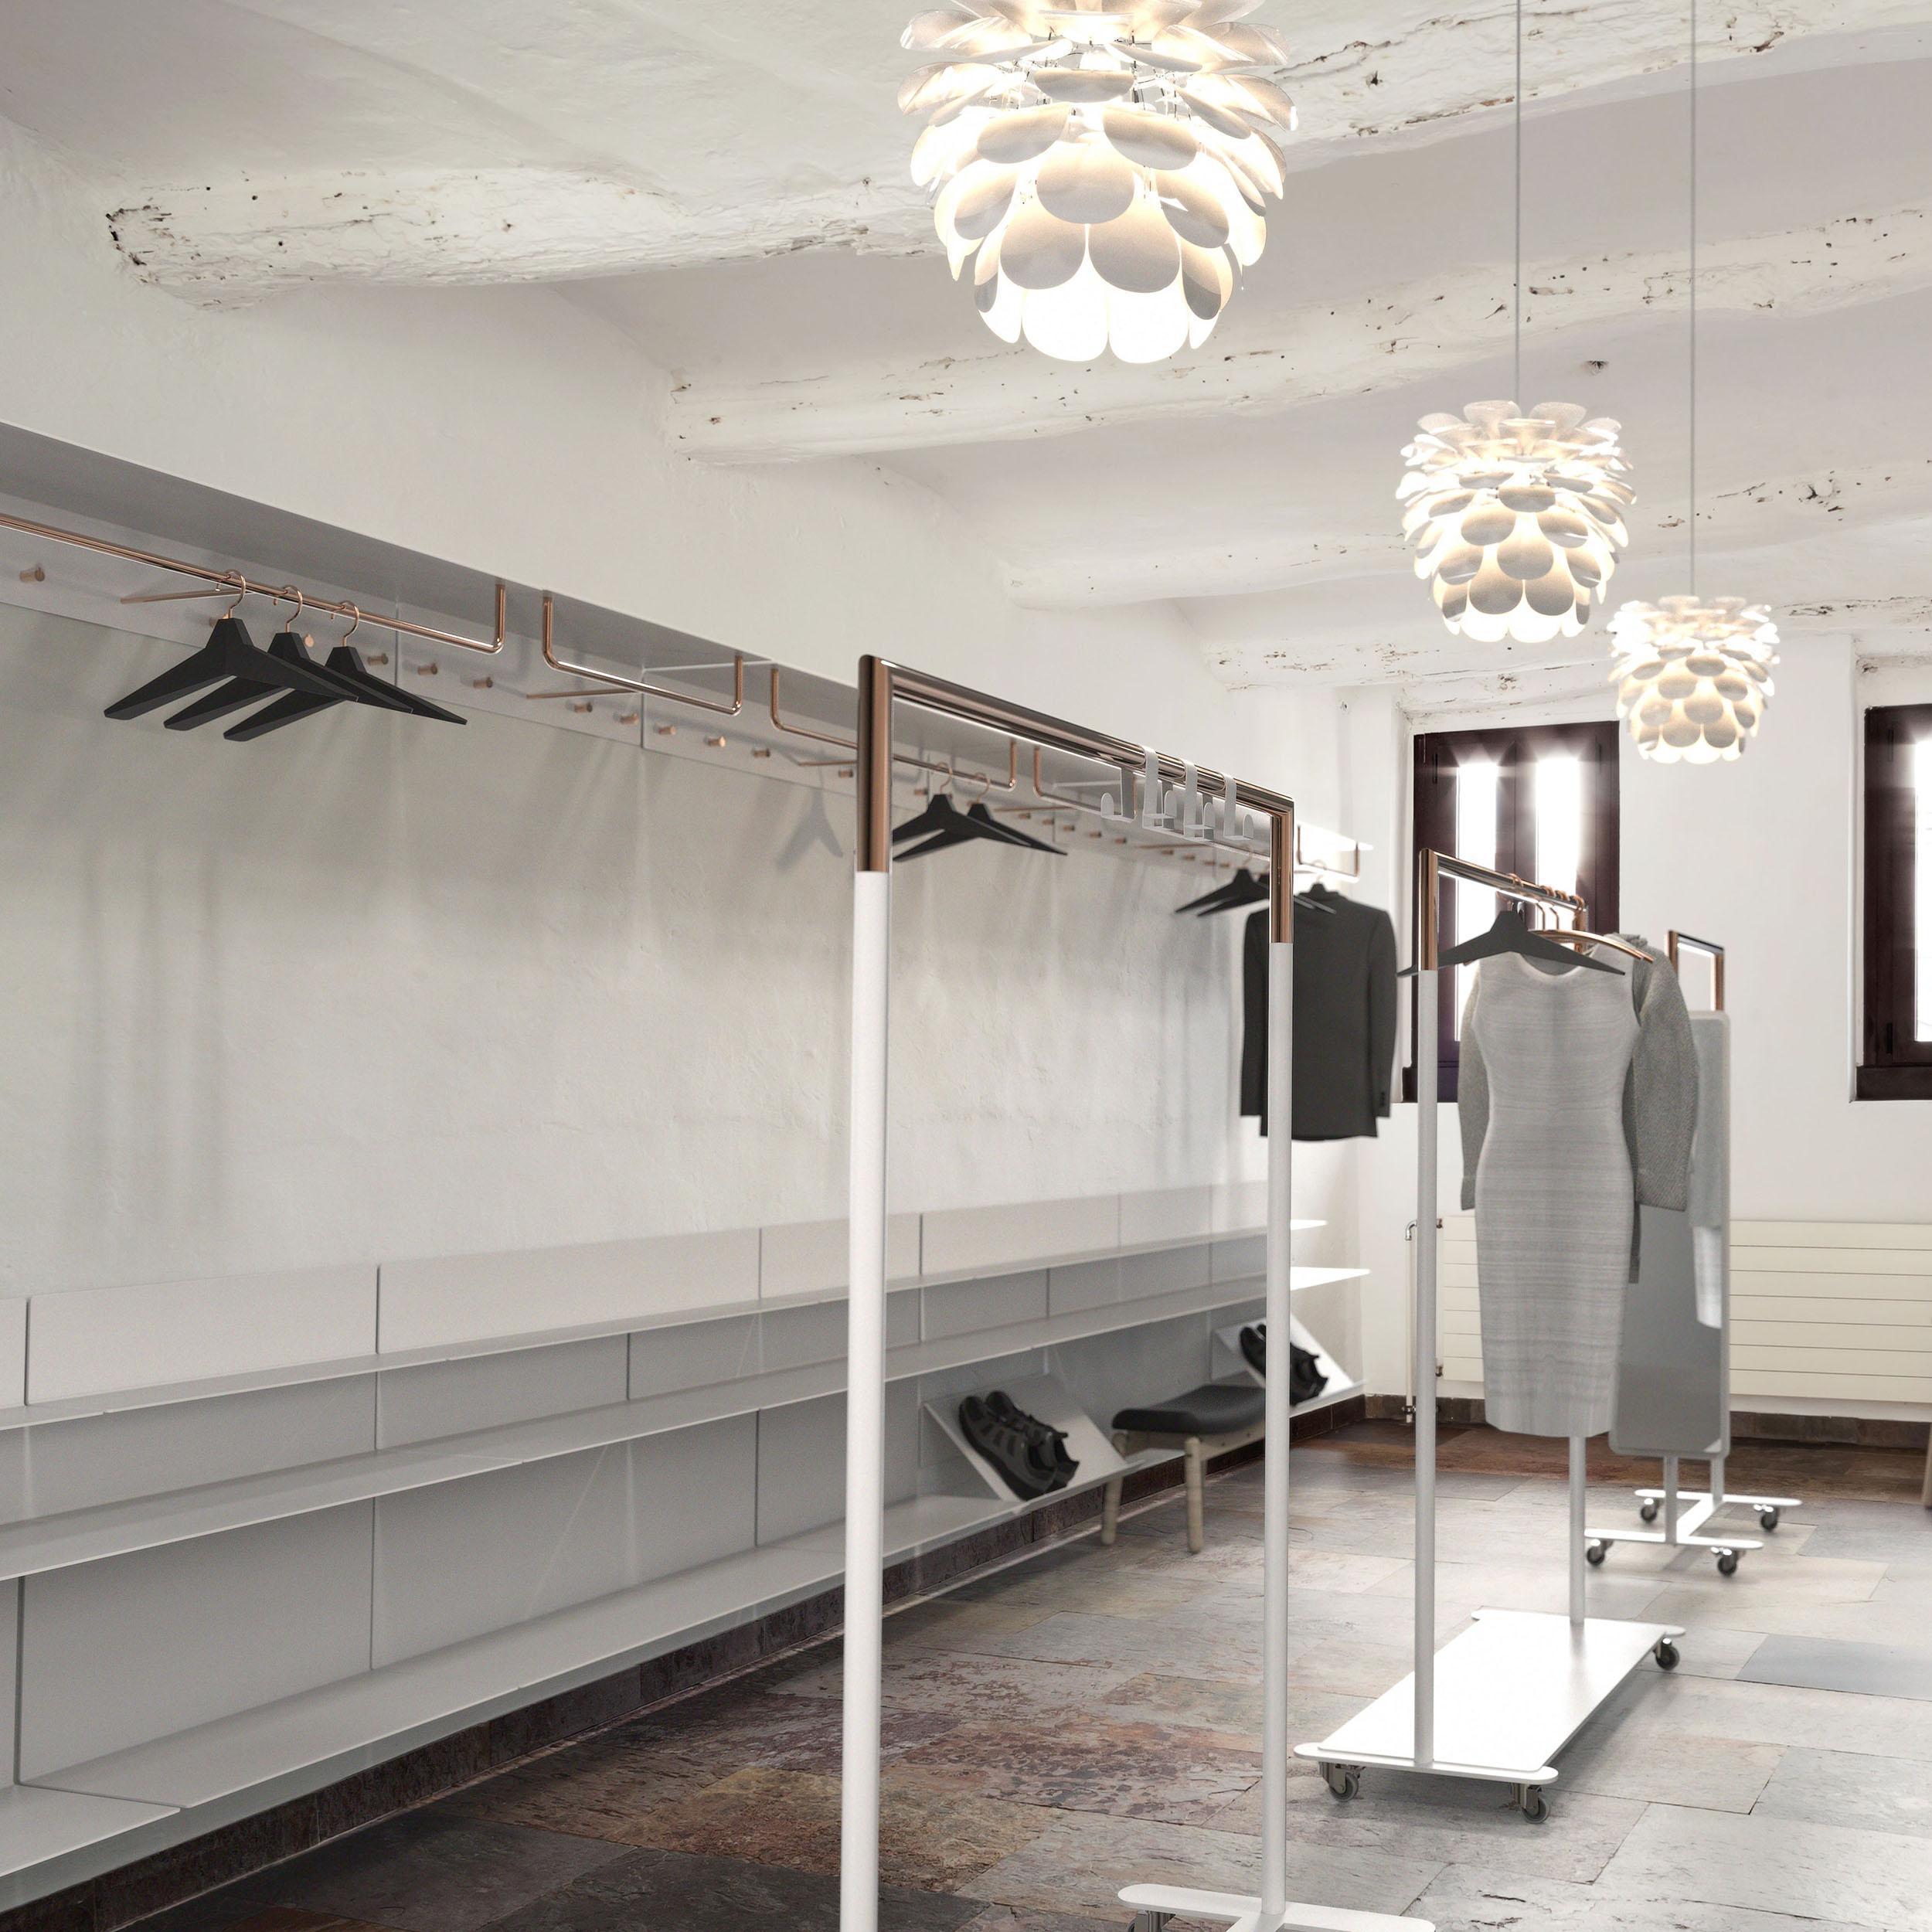 Begehbarer Kleiderschrank • Bilder & Ideen • COUCHstyle